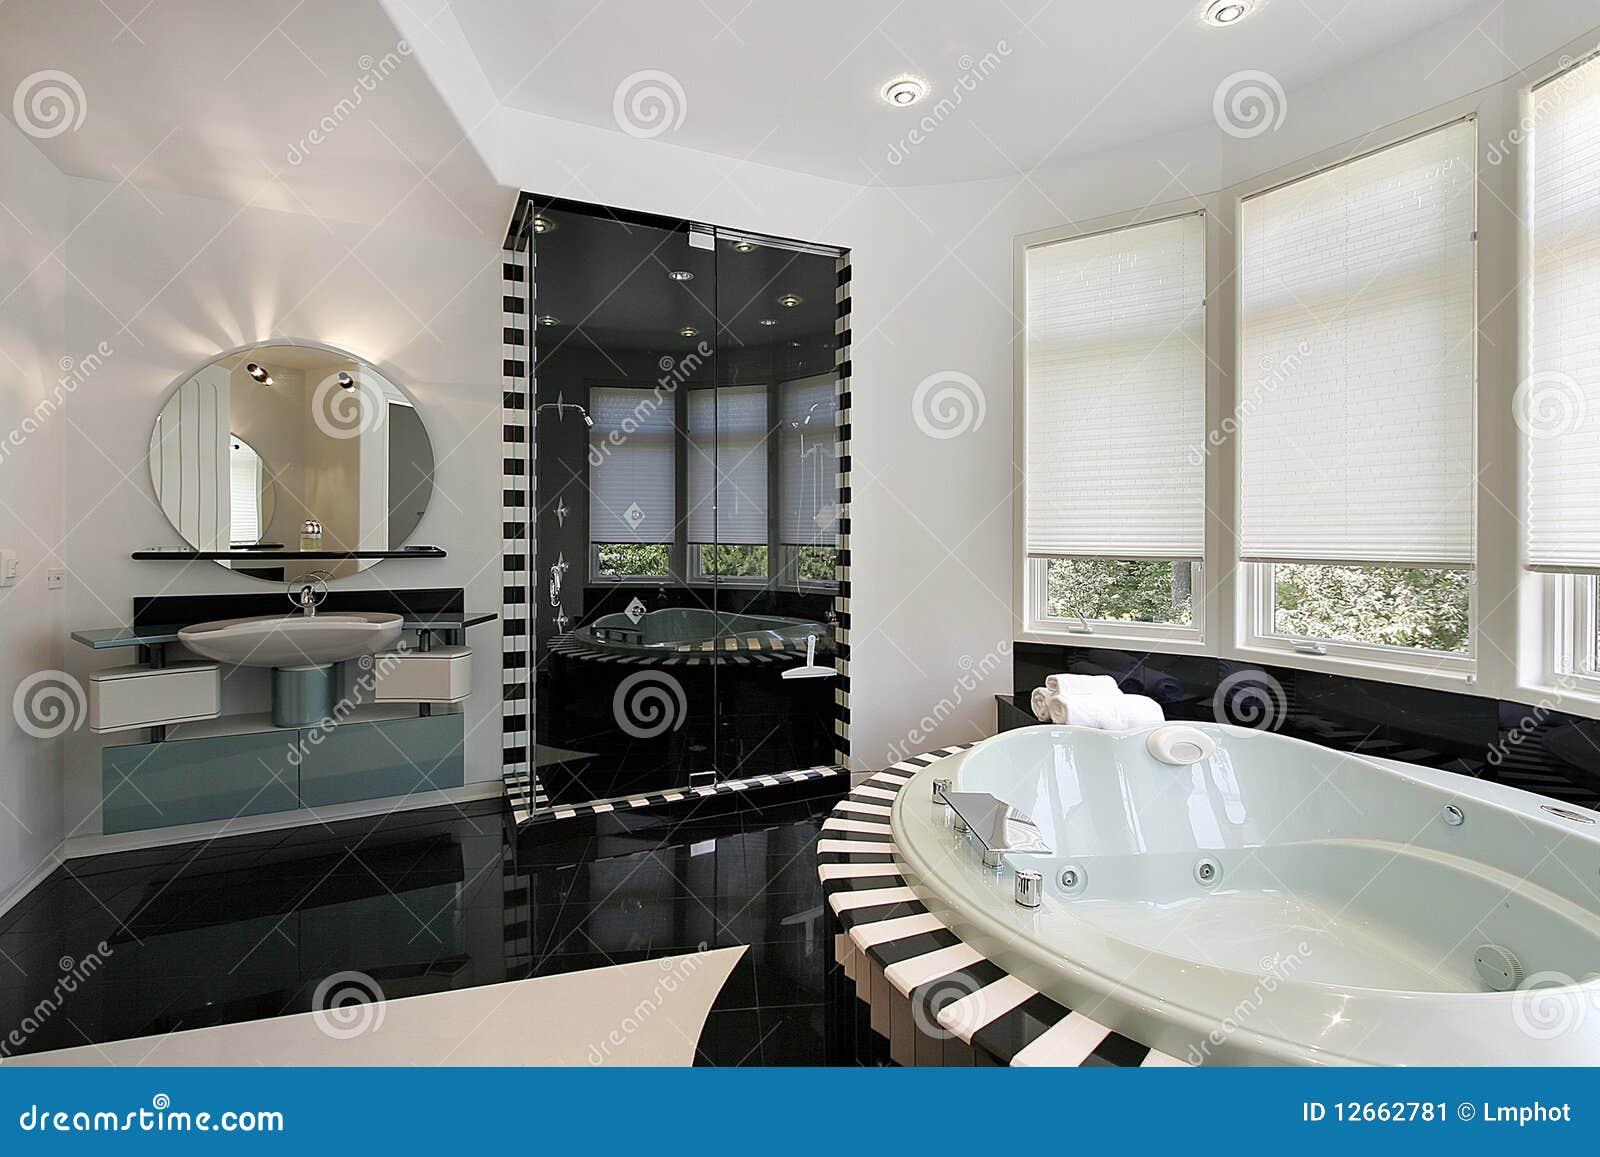 Baños Con Ducha Negra:Baño Principal Ultra Moderno Imagen de archivo – Imagen: 12662781